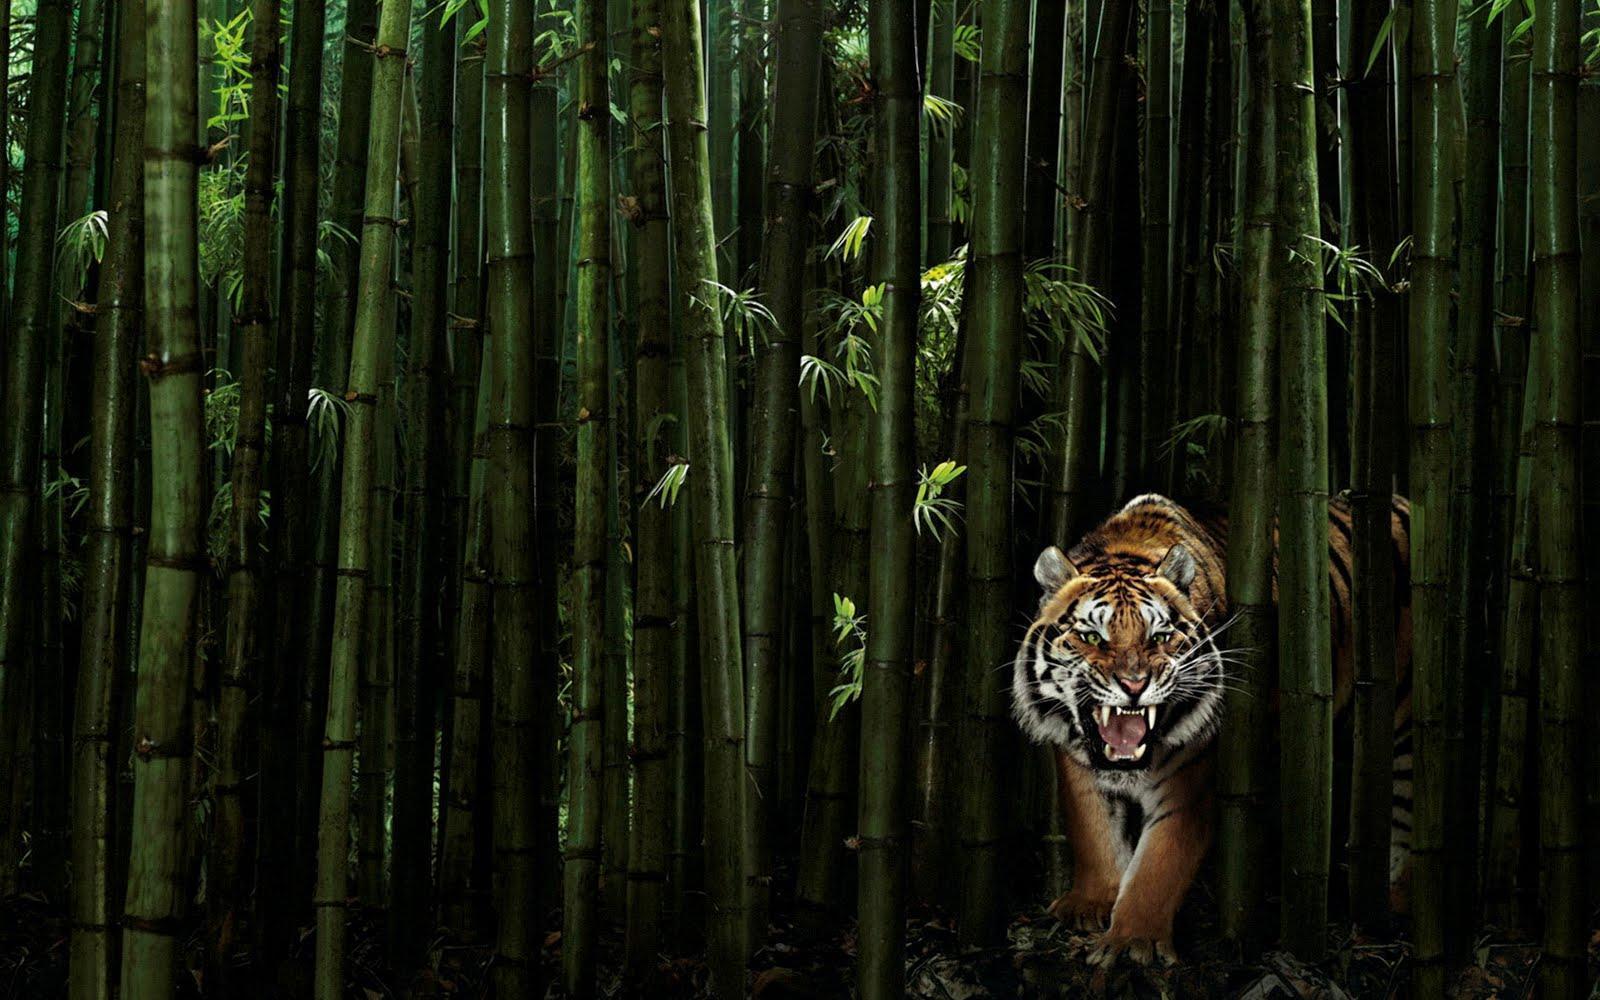 bamboo background nineteen photo - photo #27